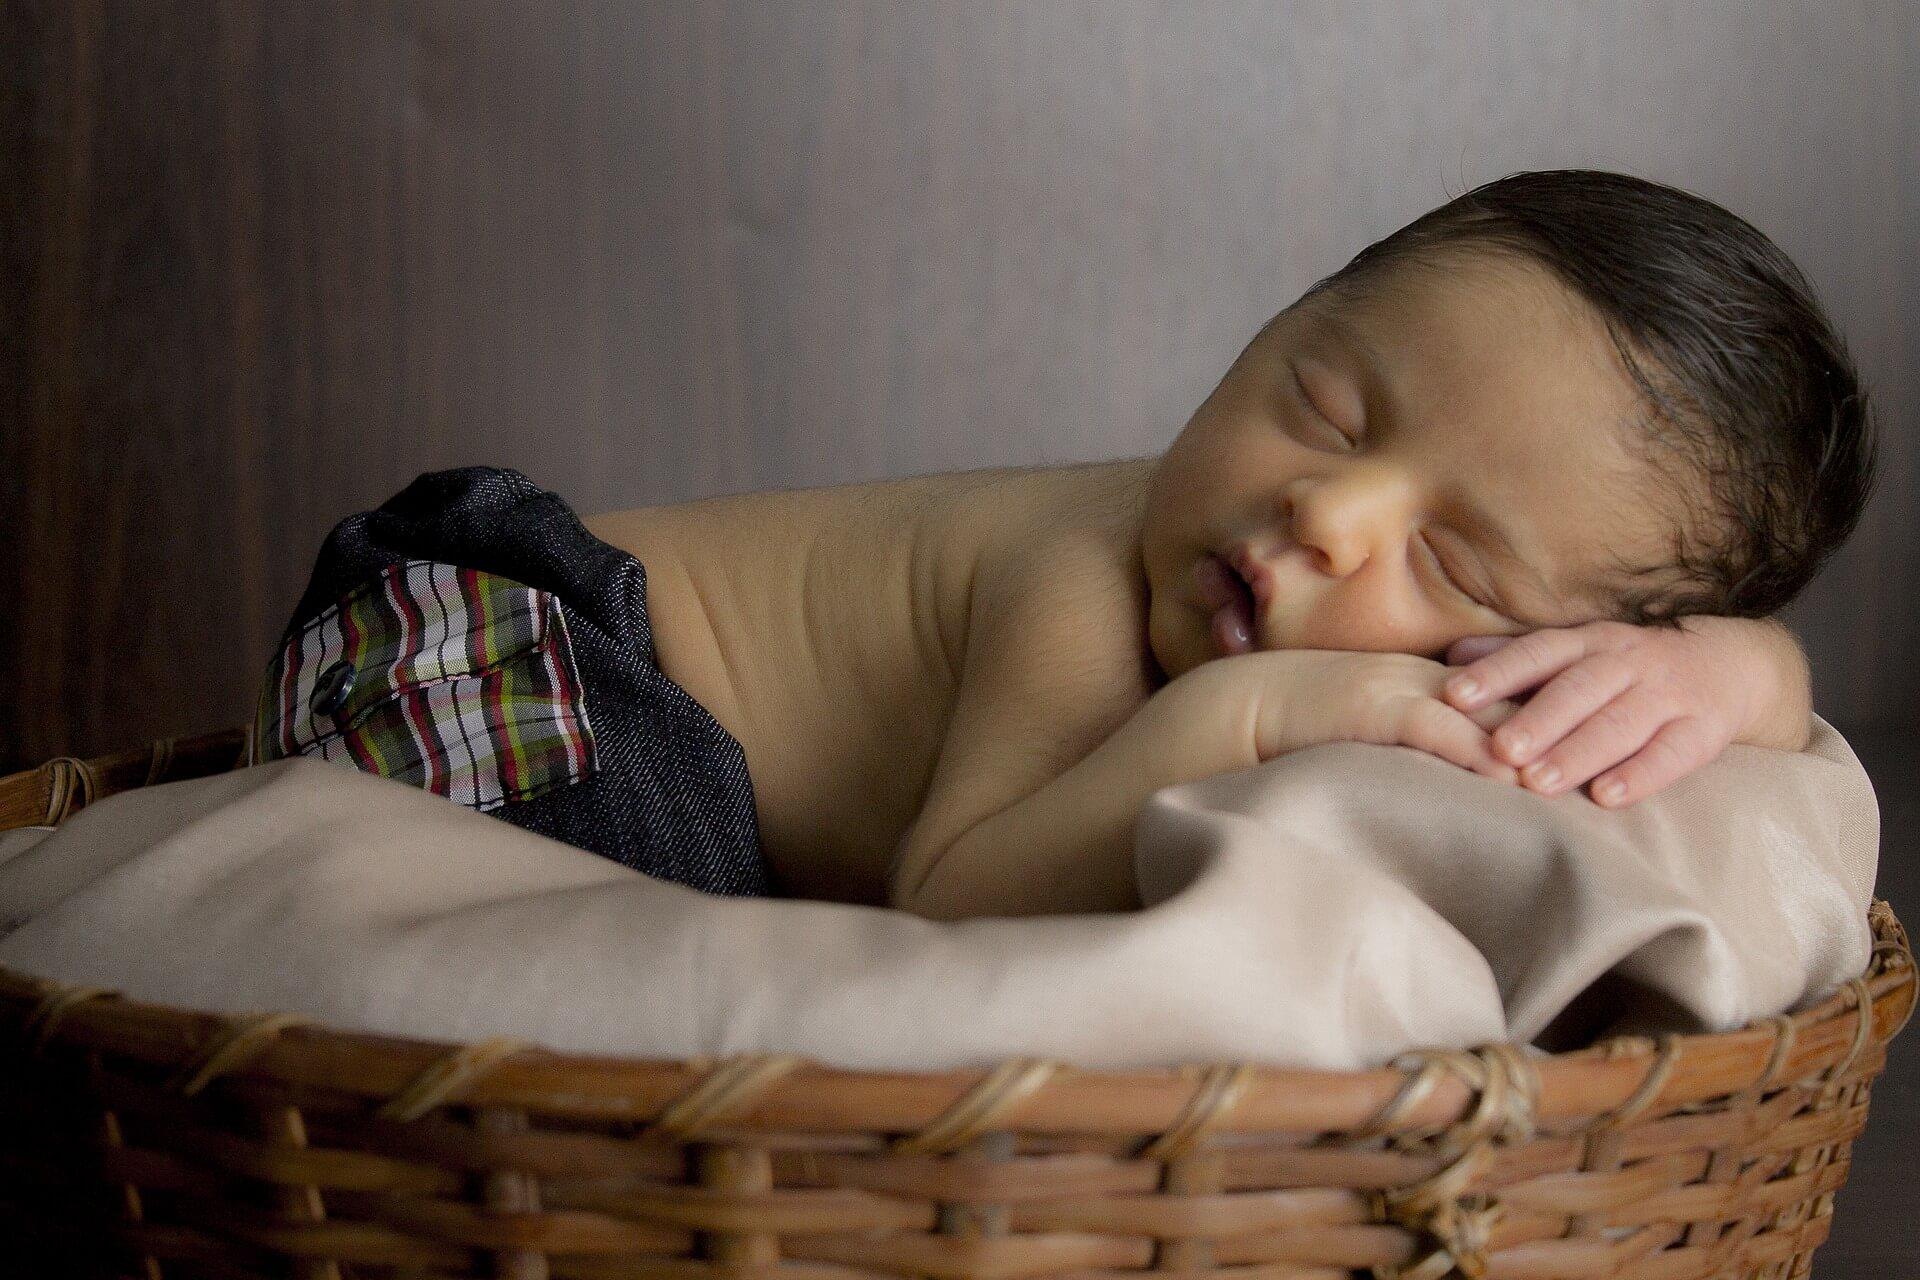 Kinder versichern ist keine Hexerei, wenn man weiß, worauf zu achten ist (c) robertofoto / pixabay.de